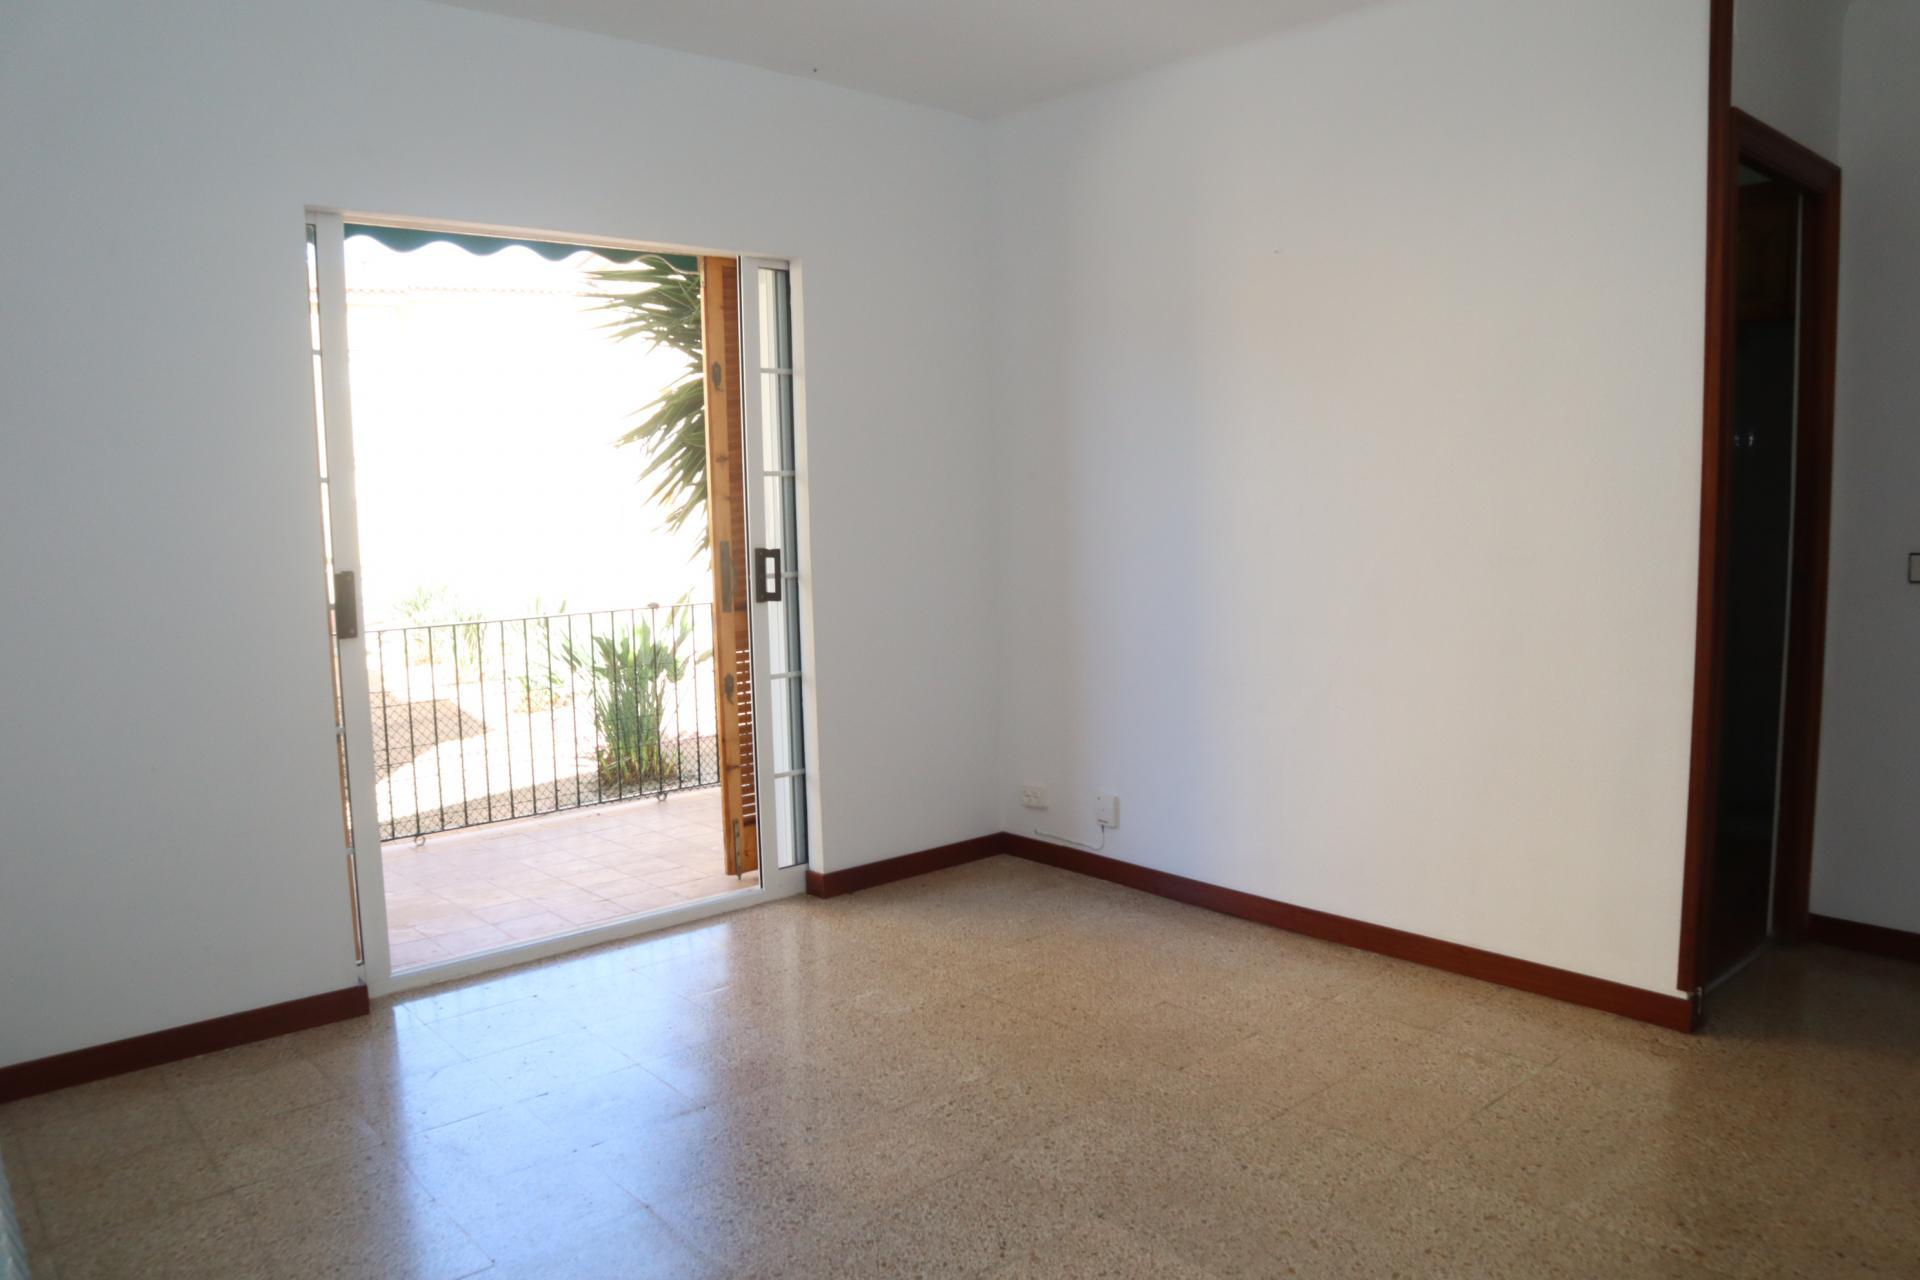 Piso en Sant Sebastià-Aiguadolç. Piso muy luminoso de 4 habitaciones